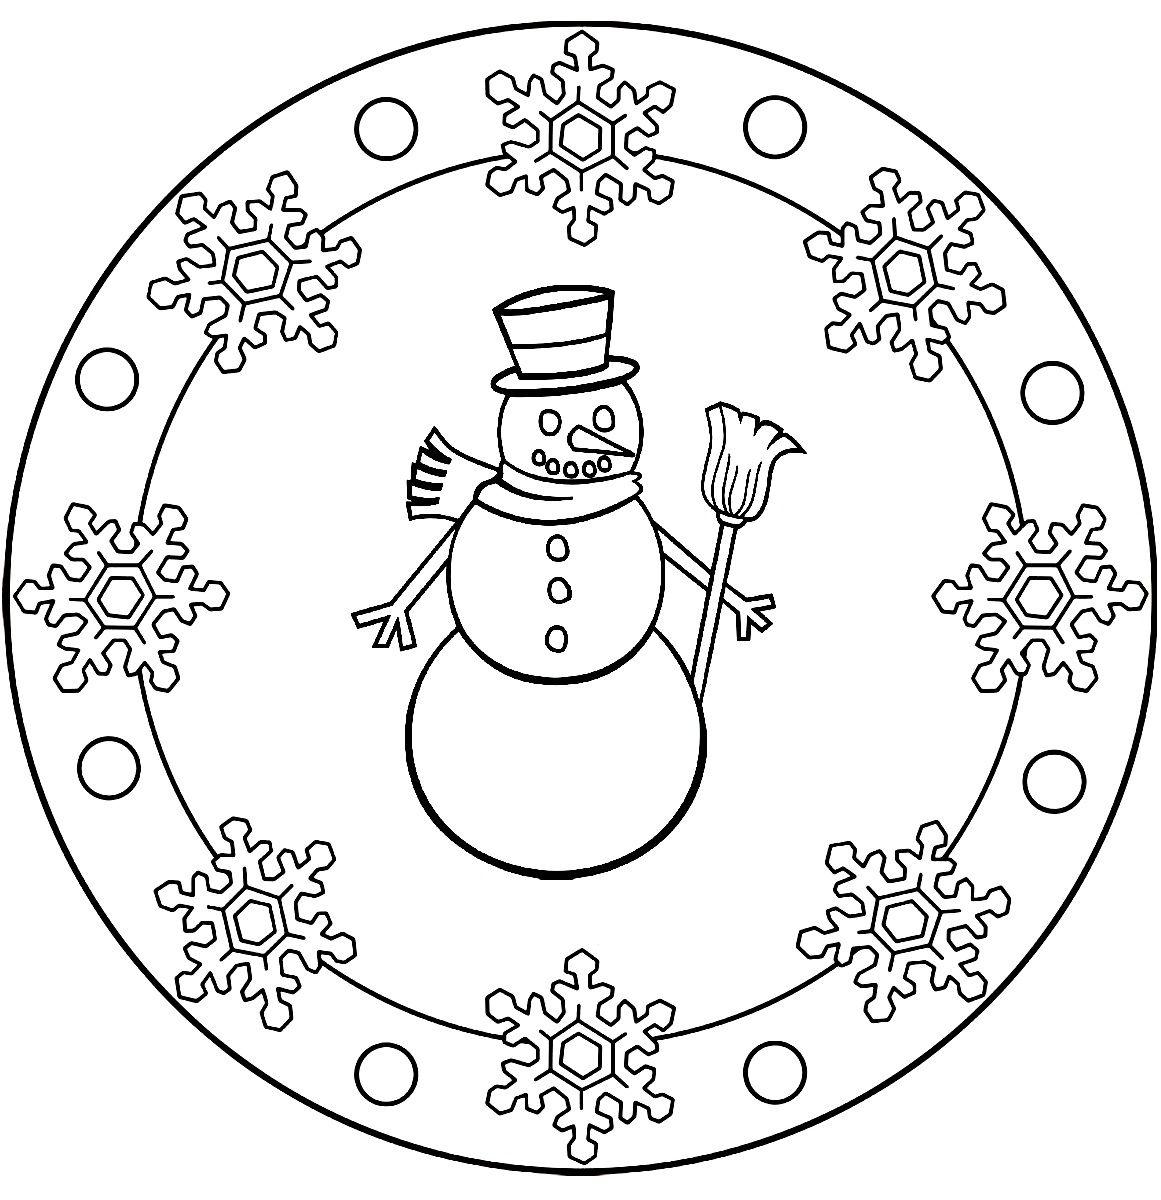 Un polsim de sal: Mandales d'hivern